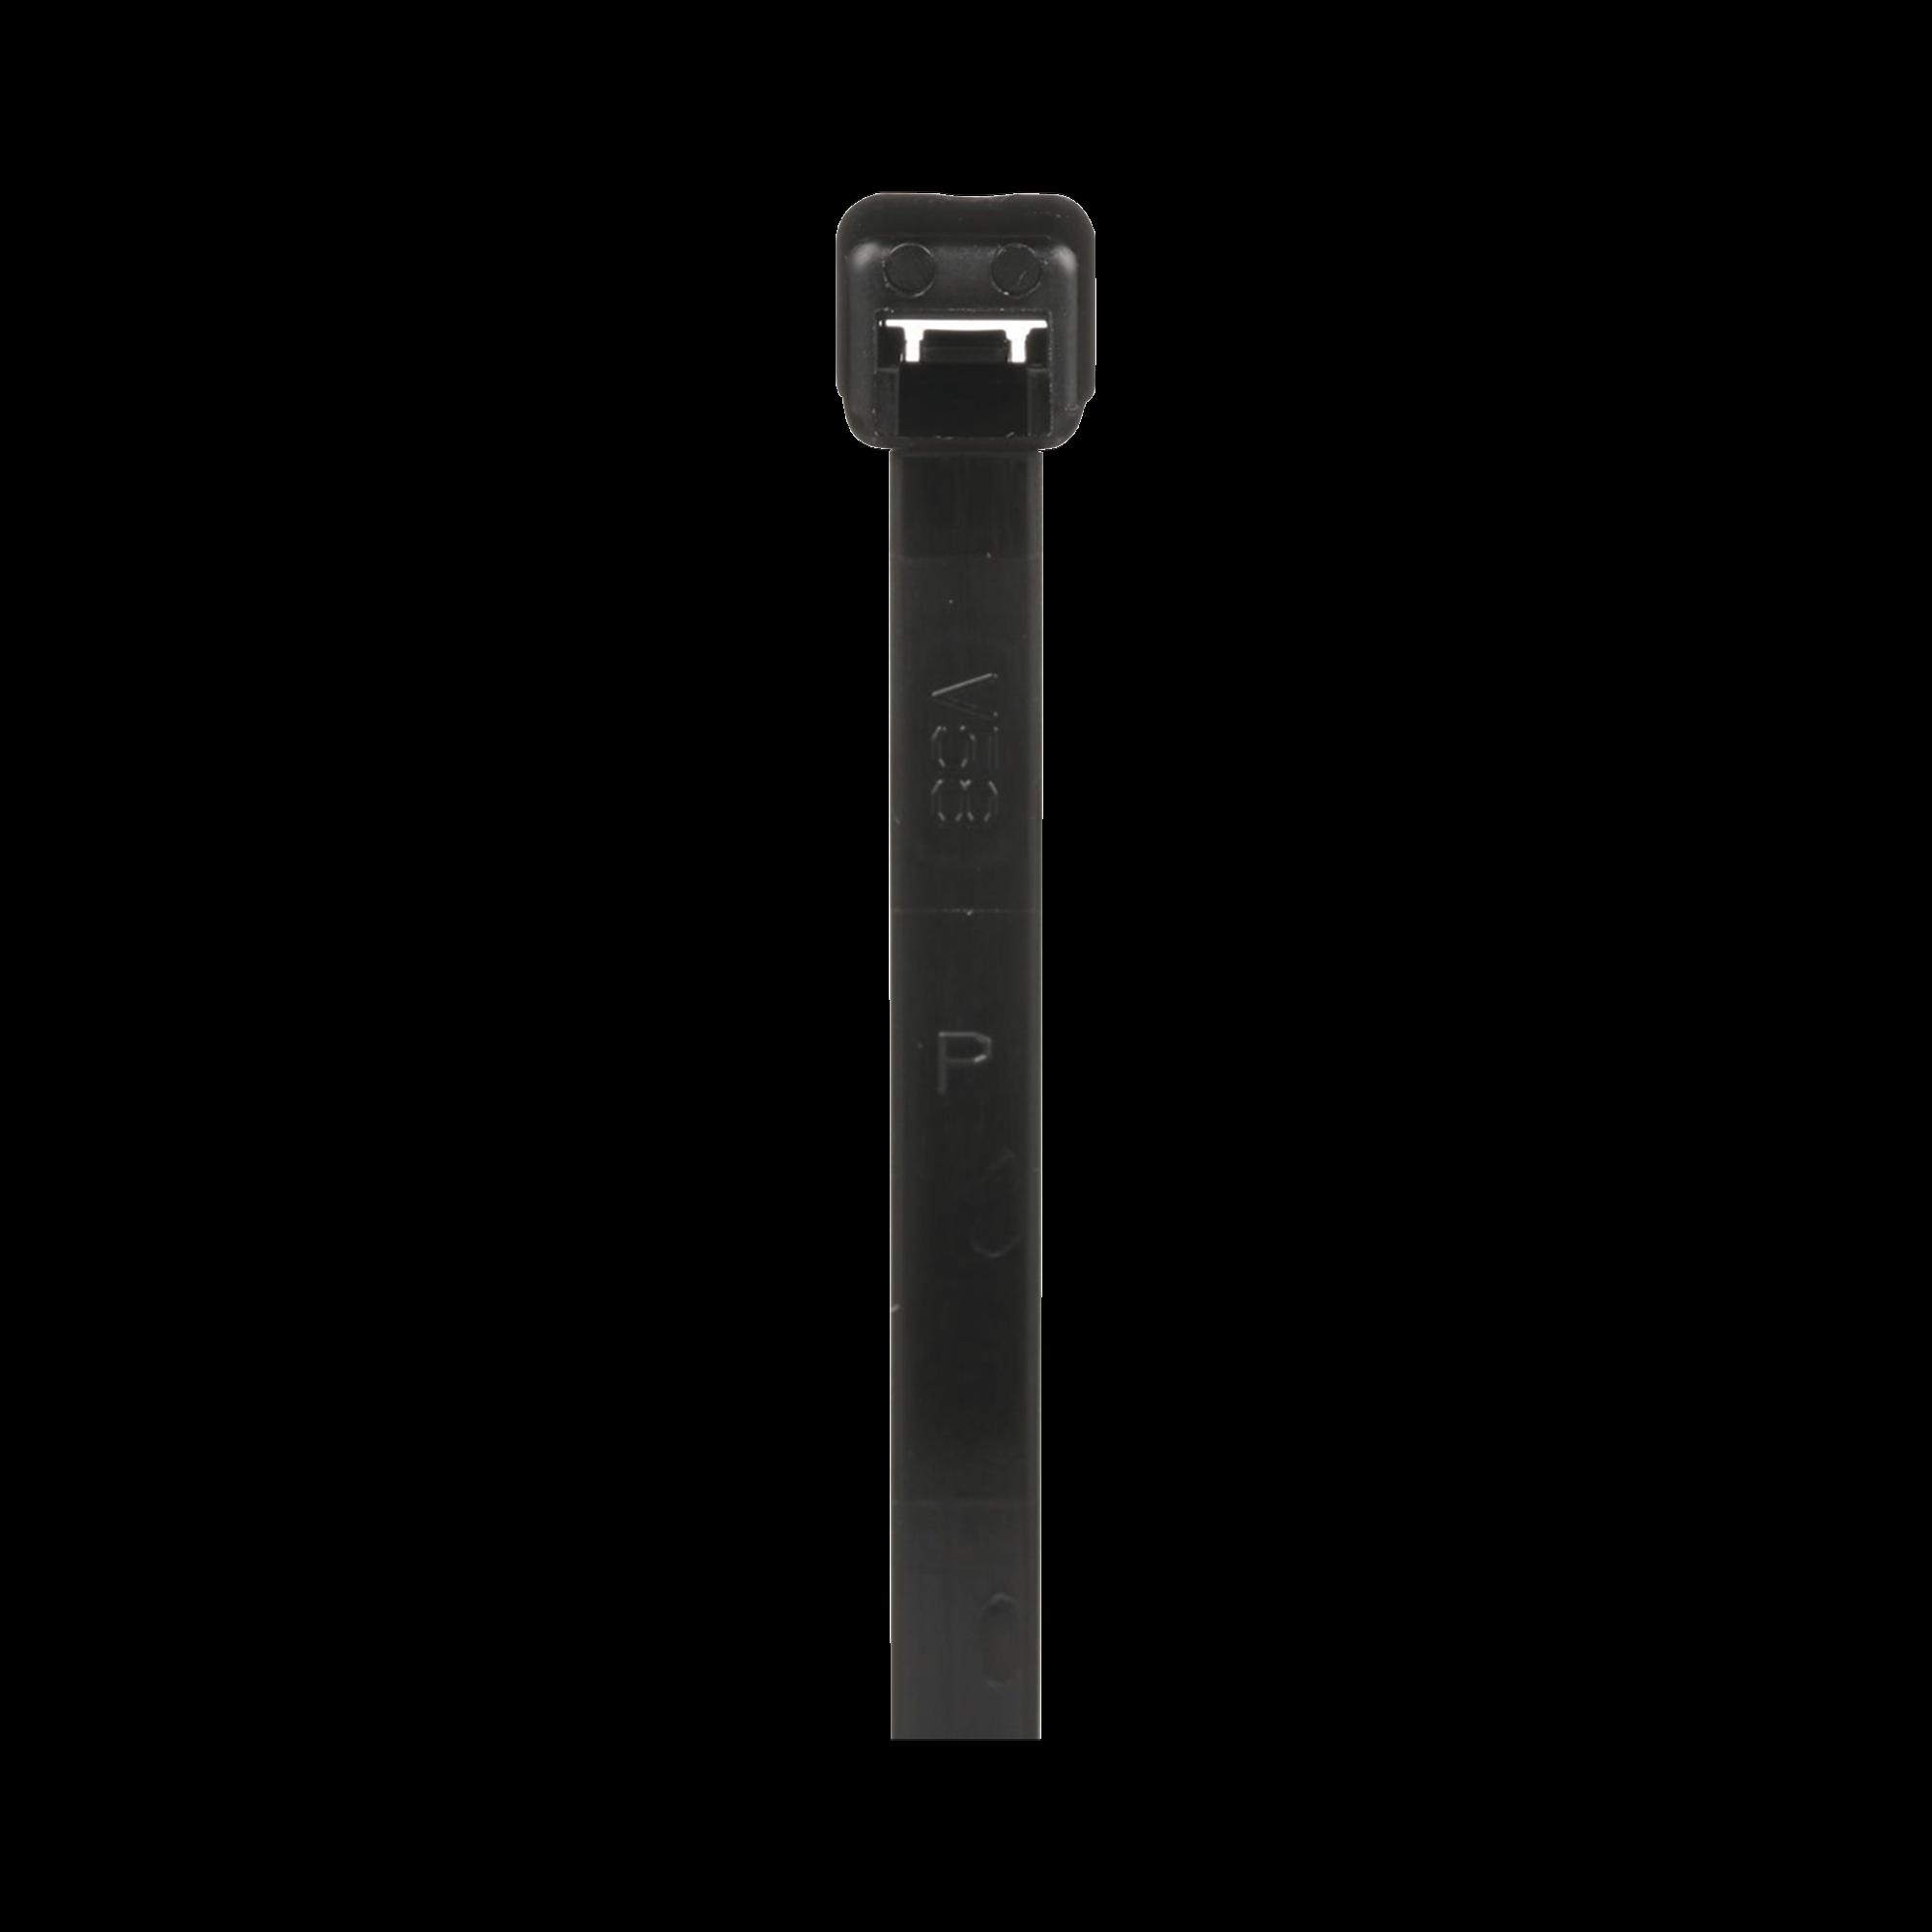 Cincho de Nylon 6.6 de Bloqueo, 188 mm de largo, Color Negro, Exterior Resistente a Rayos UV, Paquete de 1000pz